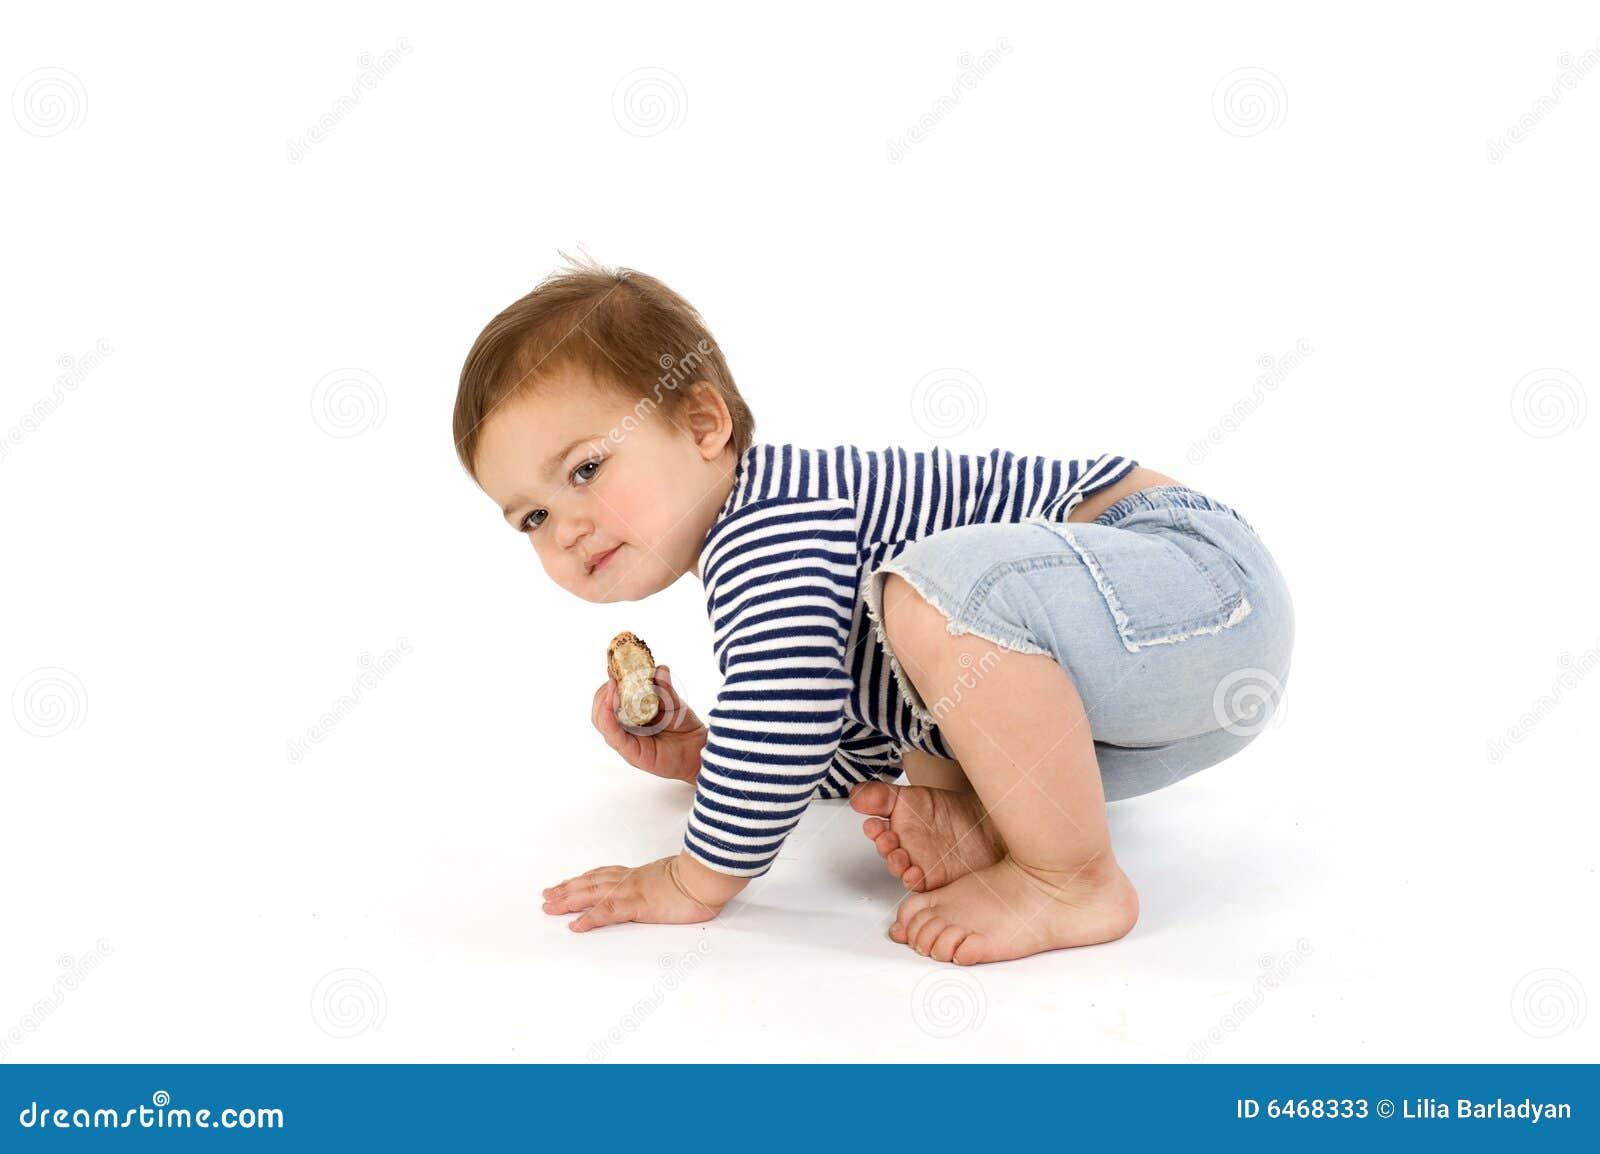 Dziecko jest sailor kamizelka paskująca